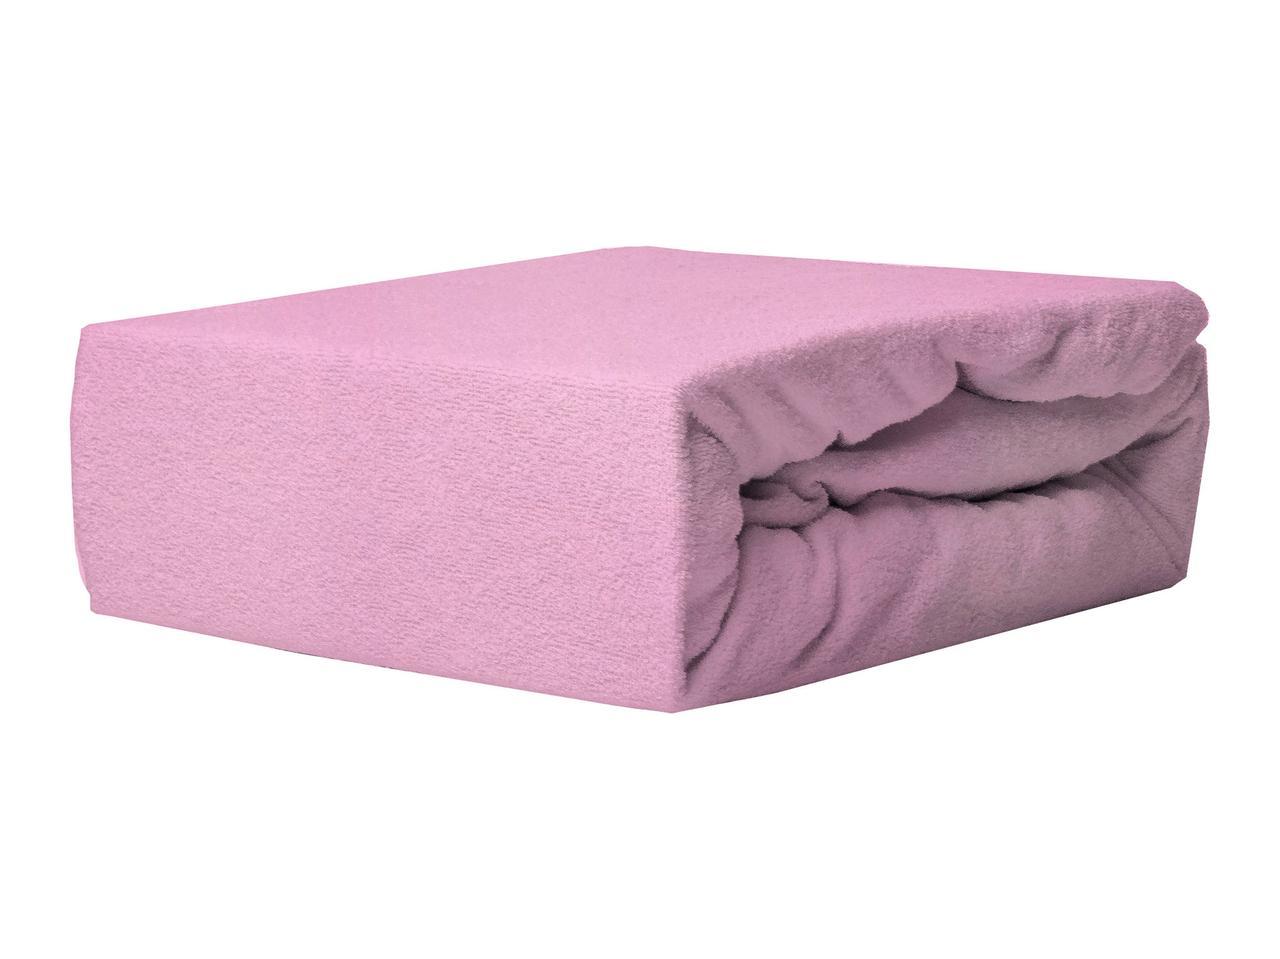 Простыня Махровая На резинке NR 020 P.P.H.U. J&M 6207 160x200 см Фиолетовая